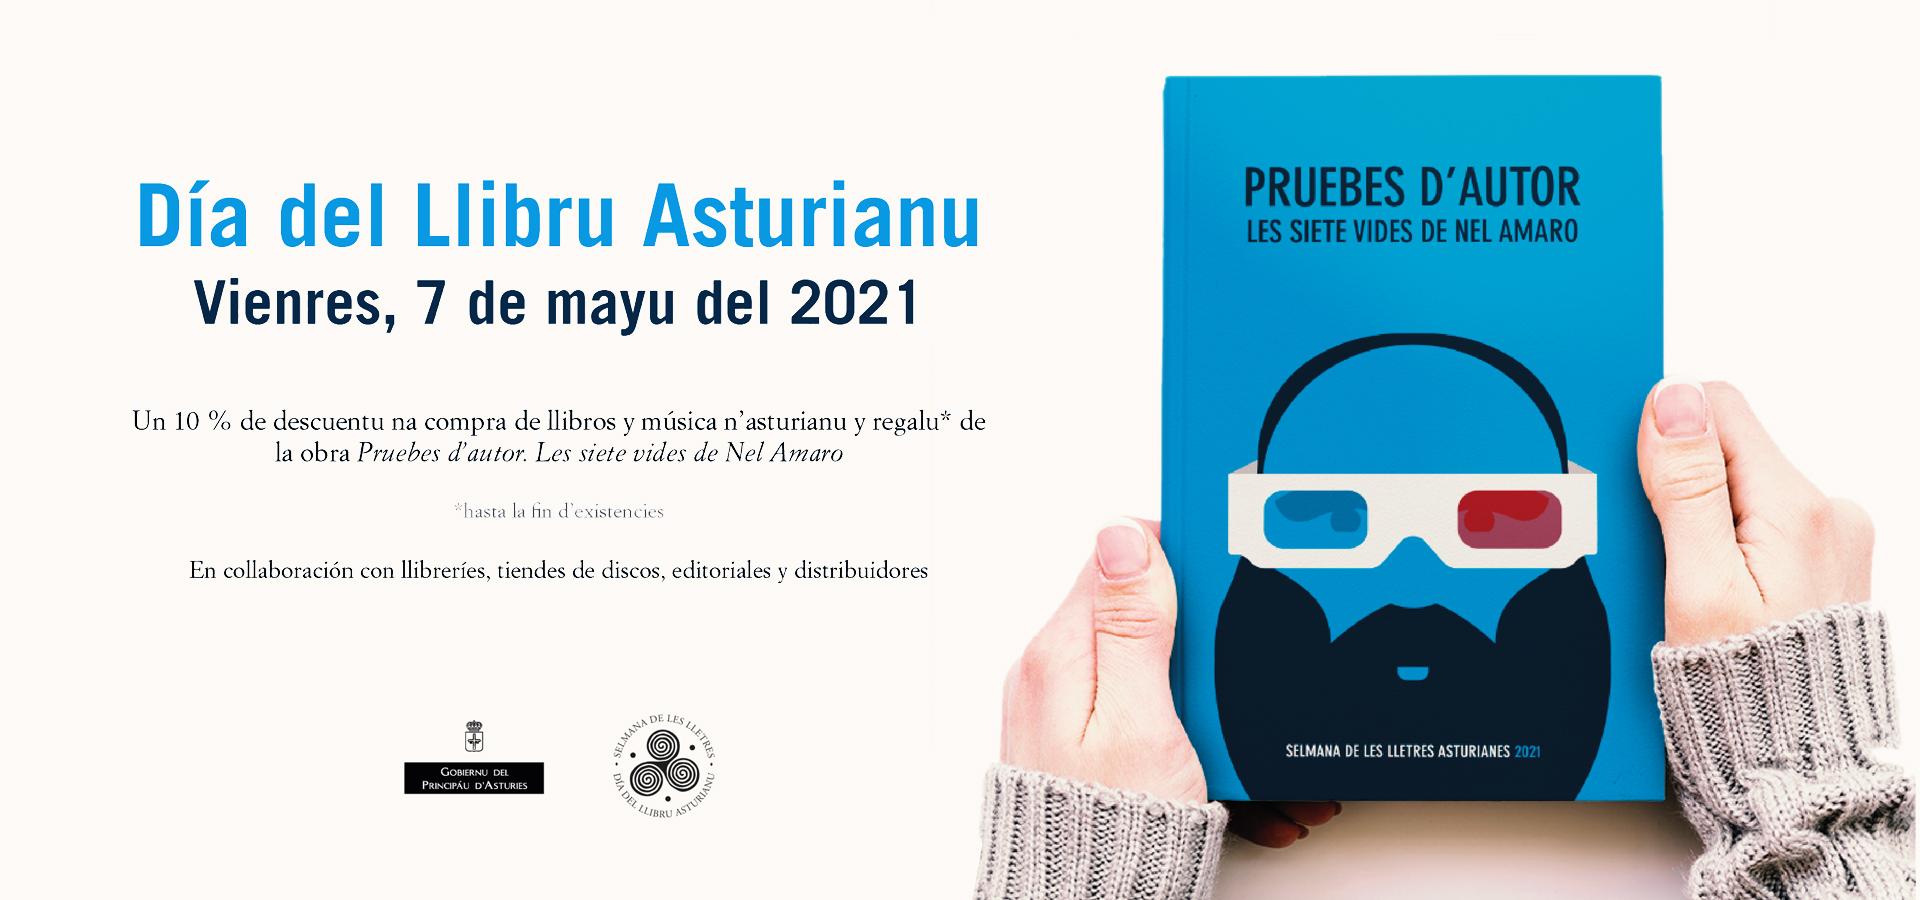 Dia-del-llibru-Ast-2021